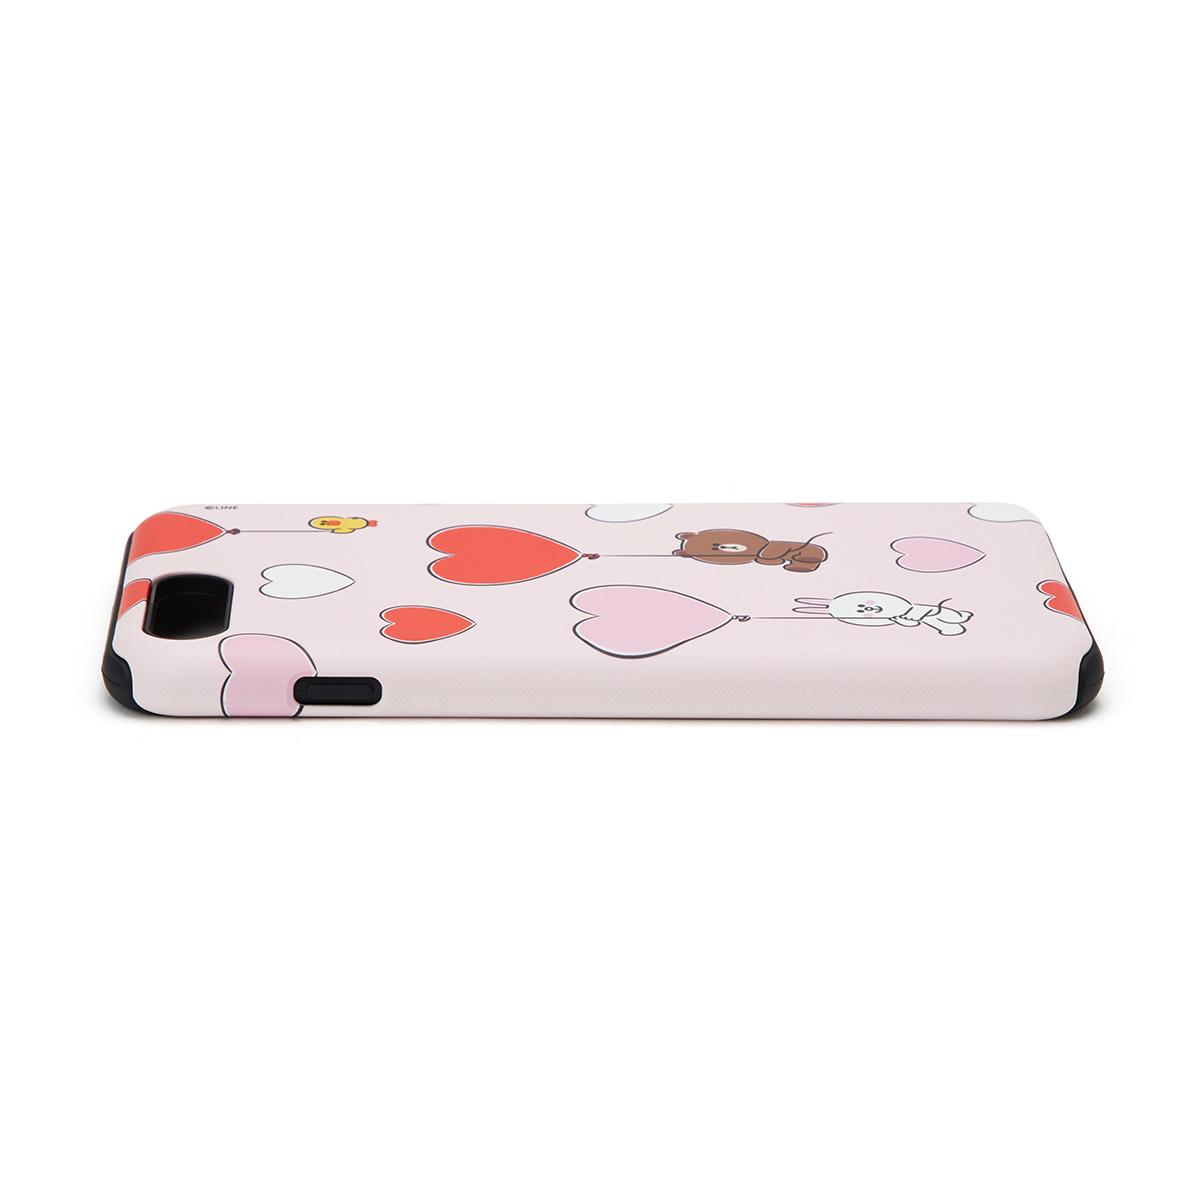 [아이폰 8 Plus] 핑크 브라운앤프렌즈 하트 풍선 이중 범퍼 케이스